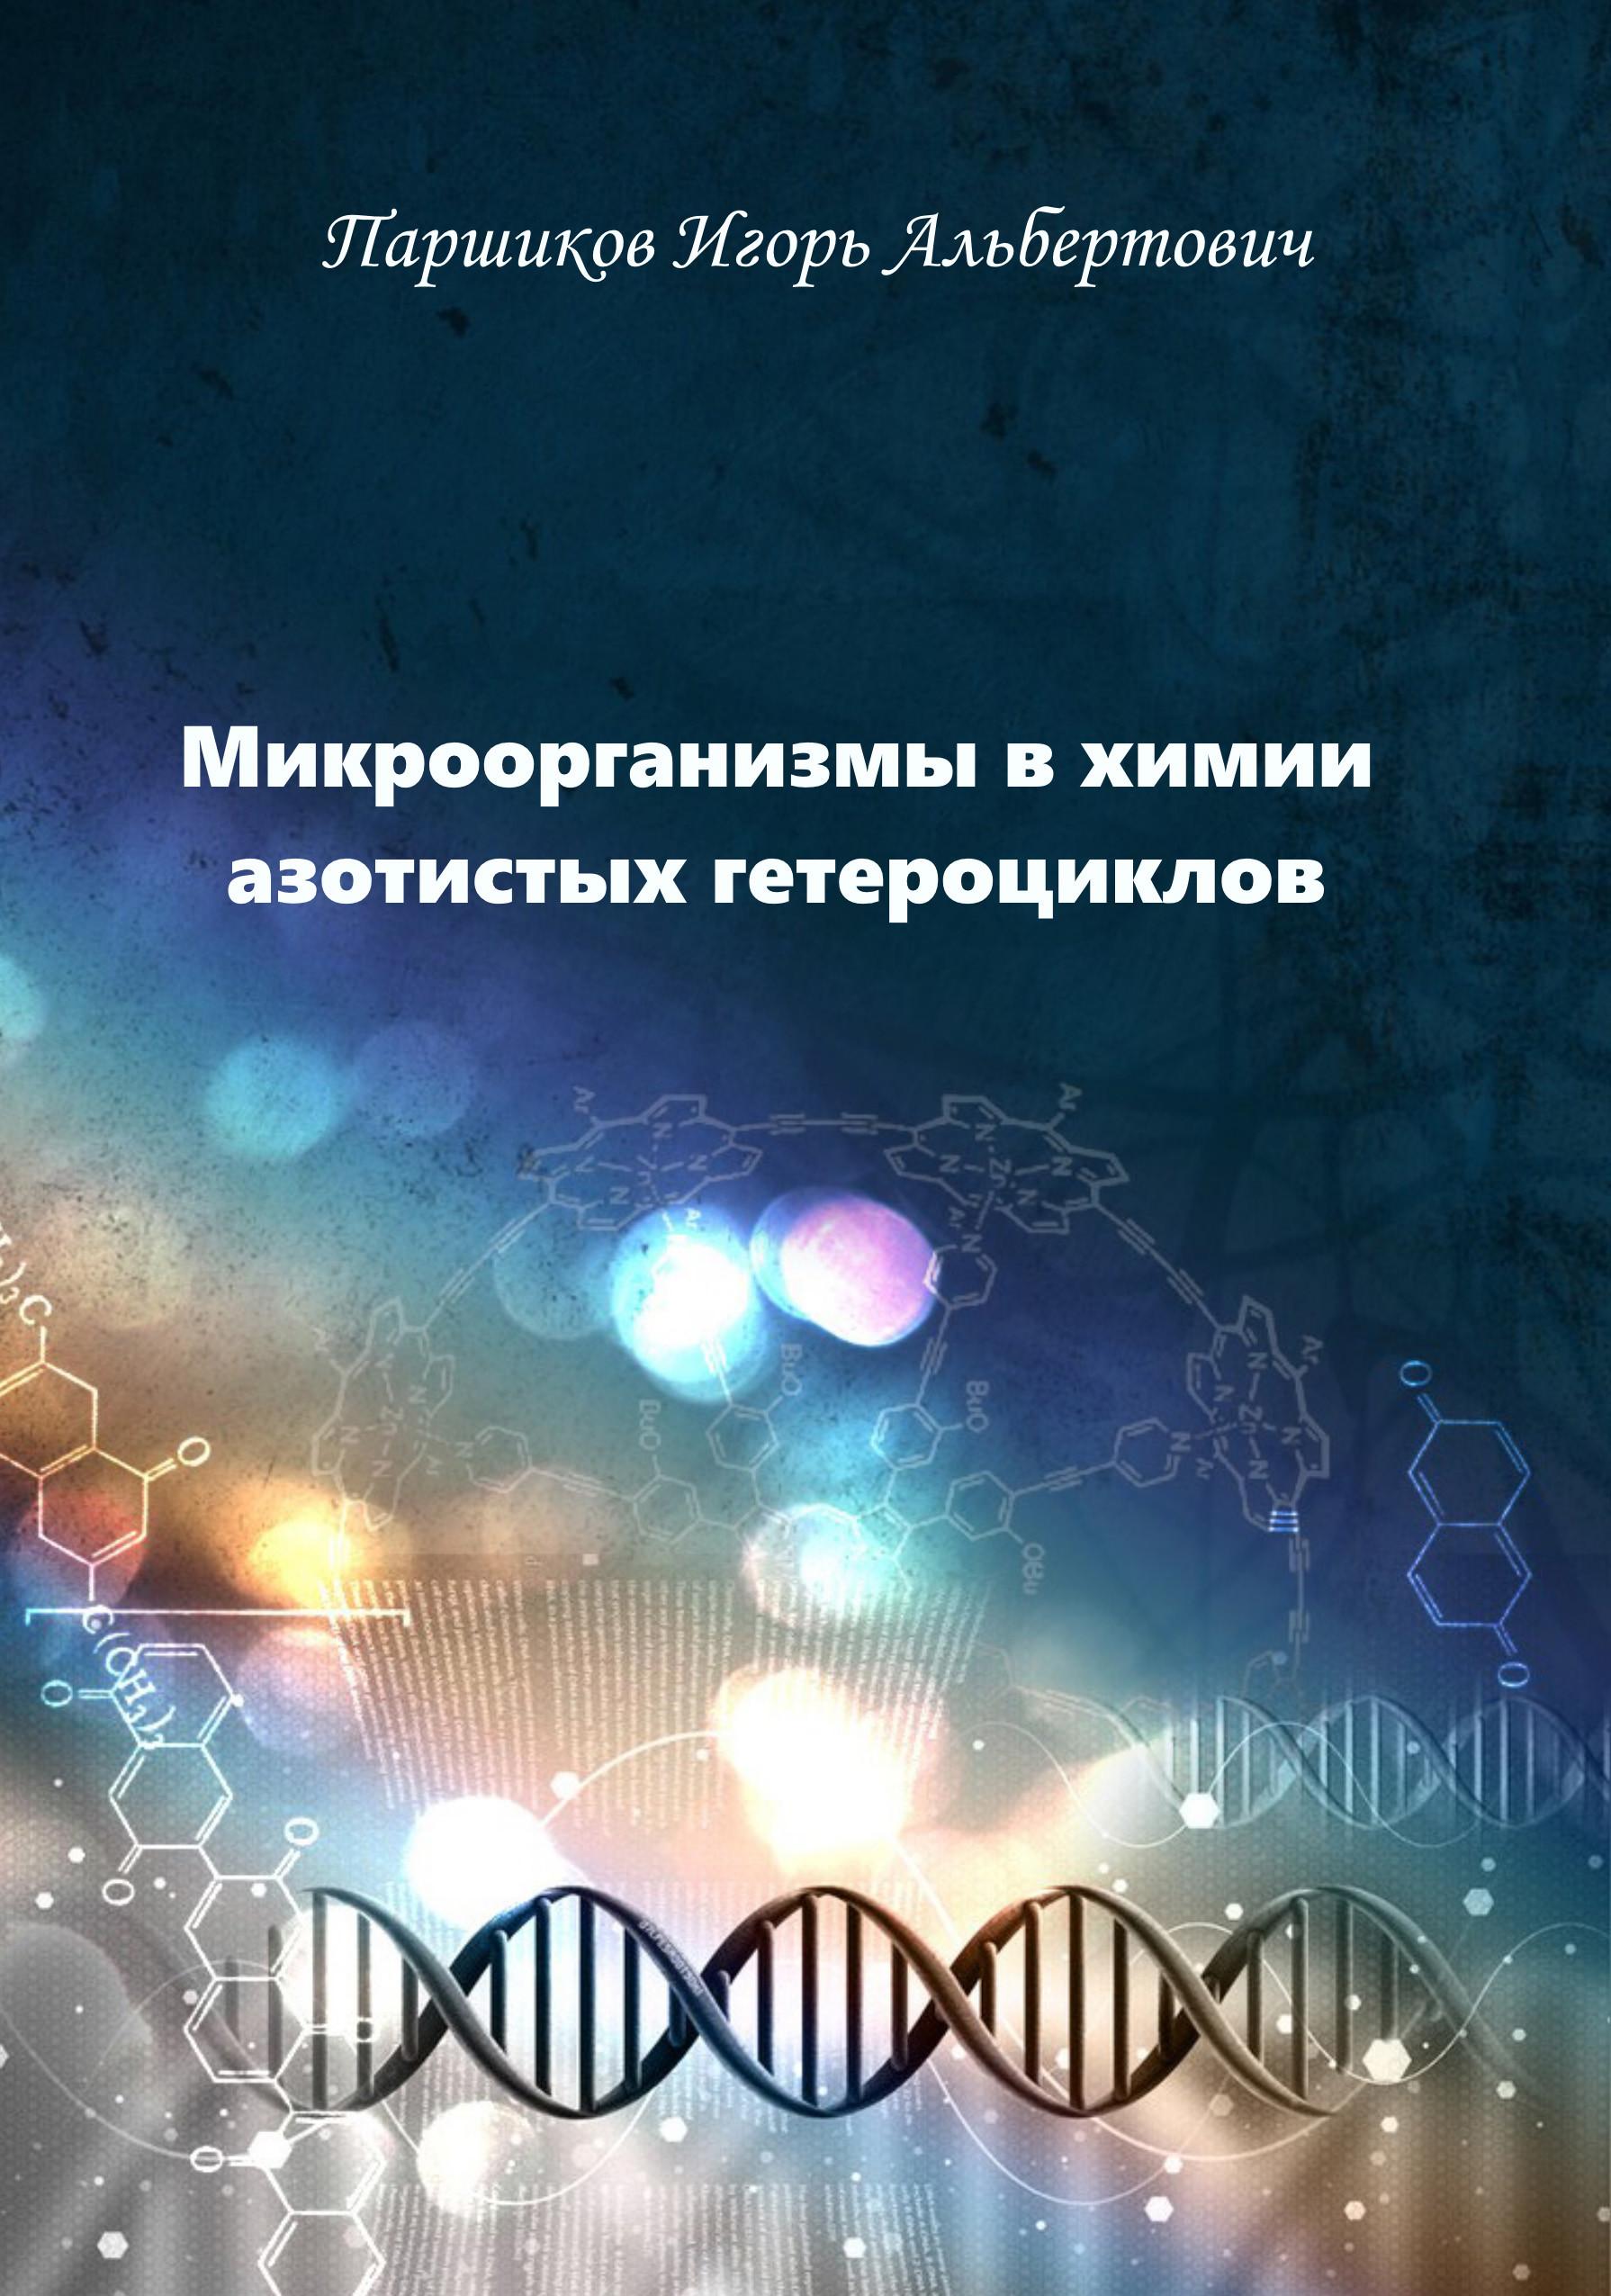 На фото: Микроорганизмы в химии азотистых гетероциклов, автор: igorzen